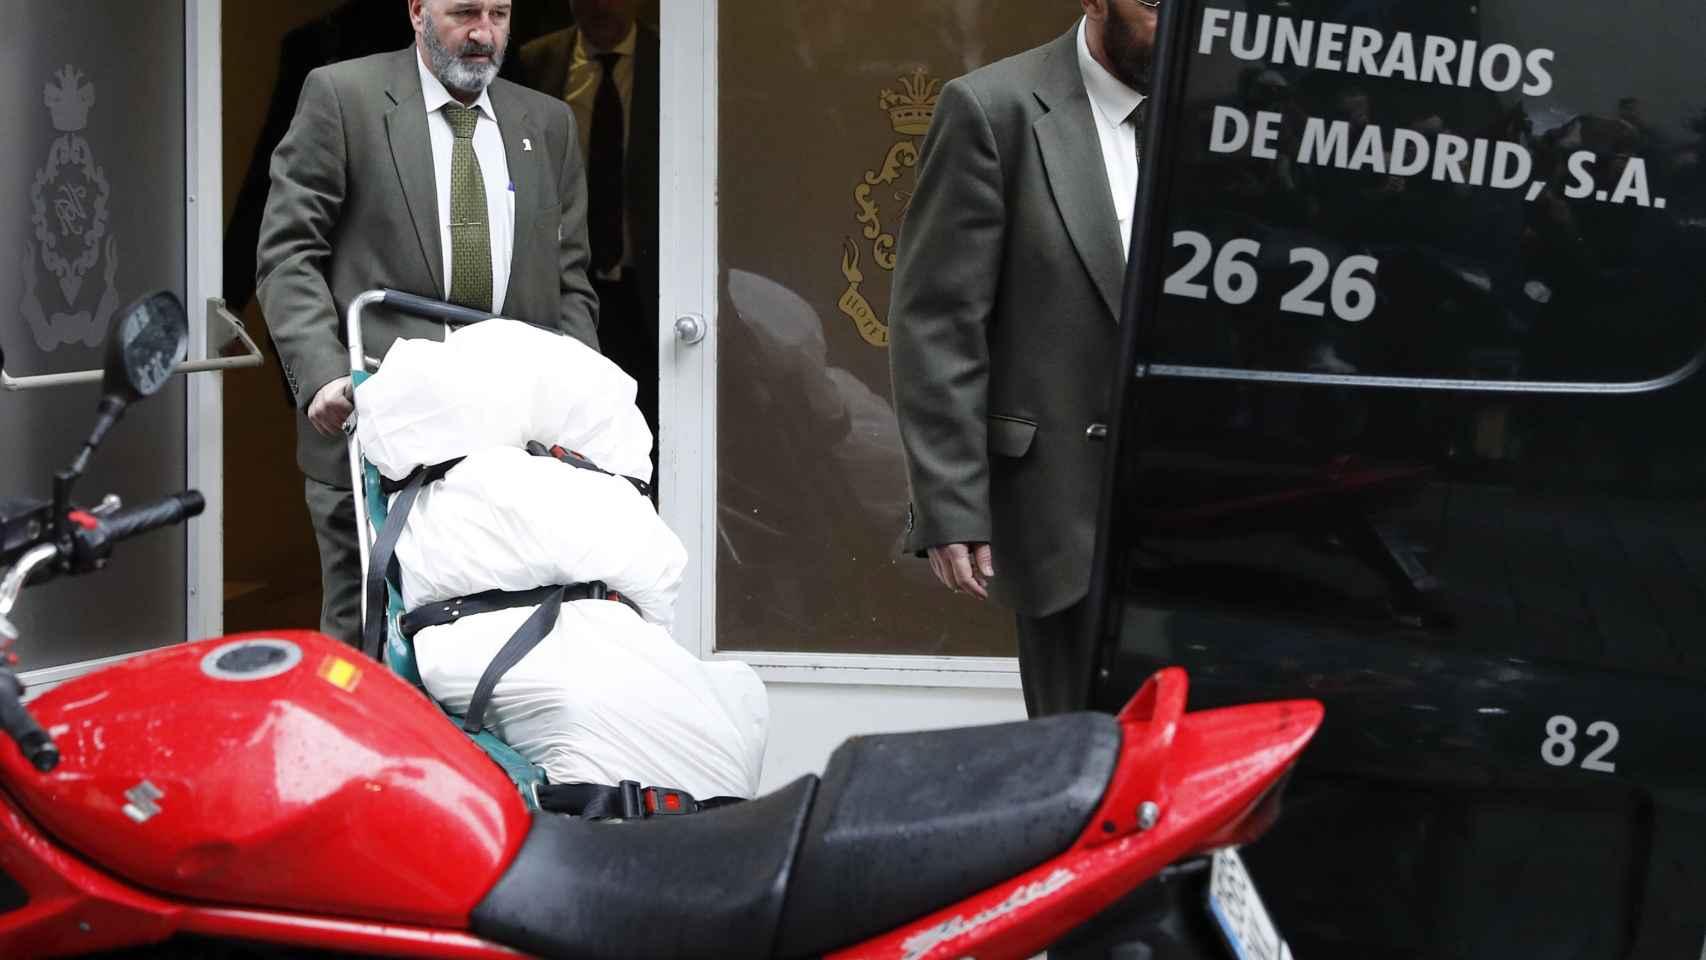 Operarios trasladan el cadáver de Rita Barberá en un hotel de Madrid.